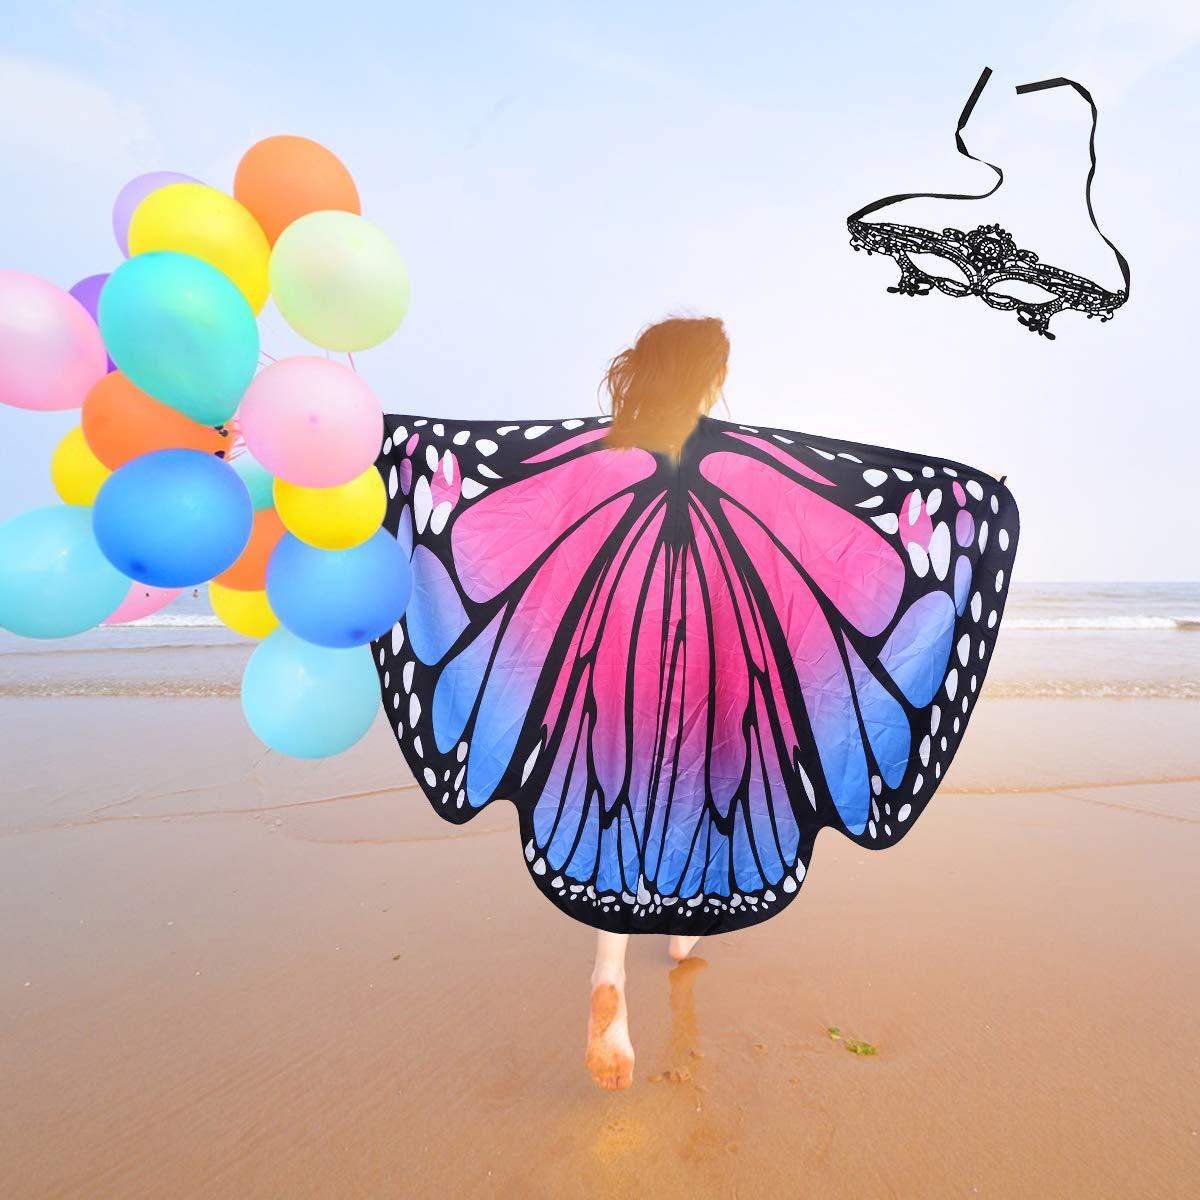 Blu Verde LIOOBO Farfalla Ali Scialle Costume con Maschera Adulti Belle Fiabe Mantelle Asciugamano da Spiaggia per Donna Ragazza